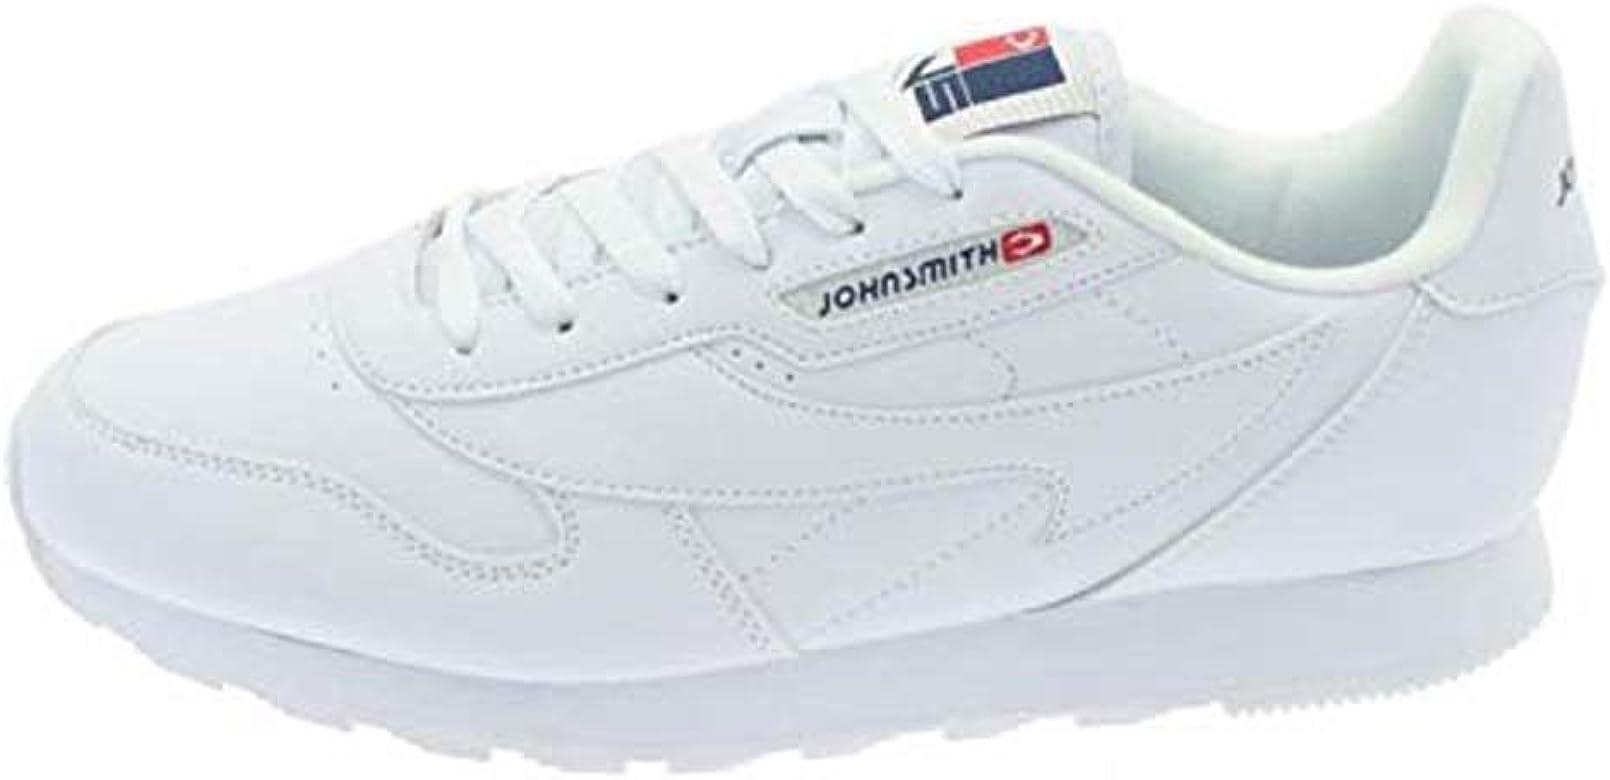 John Smith J.Smith Cresir Zapatillas Hombre Casual Clásicas Blancas (30 EU): Amazon.es: Zapatos y complementos